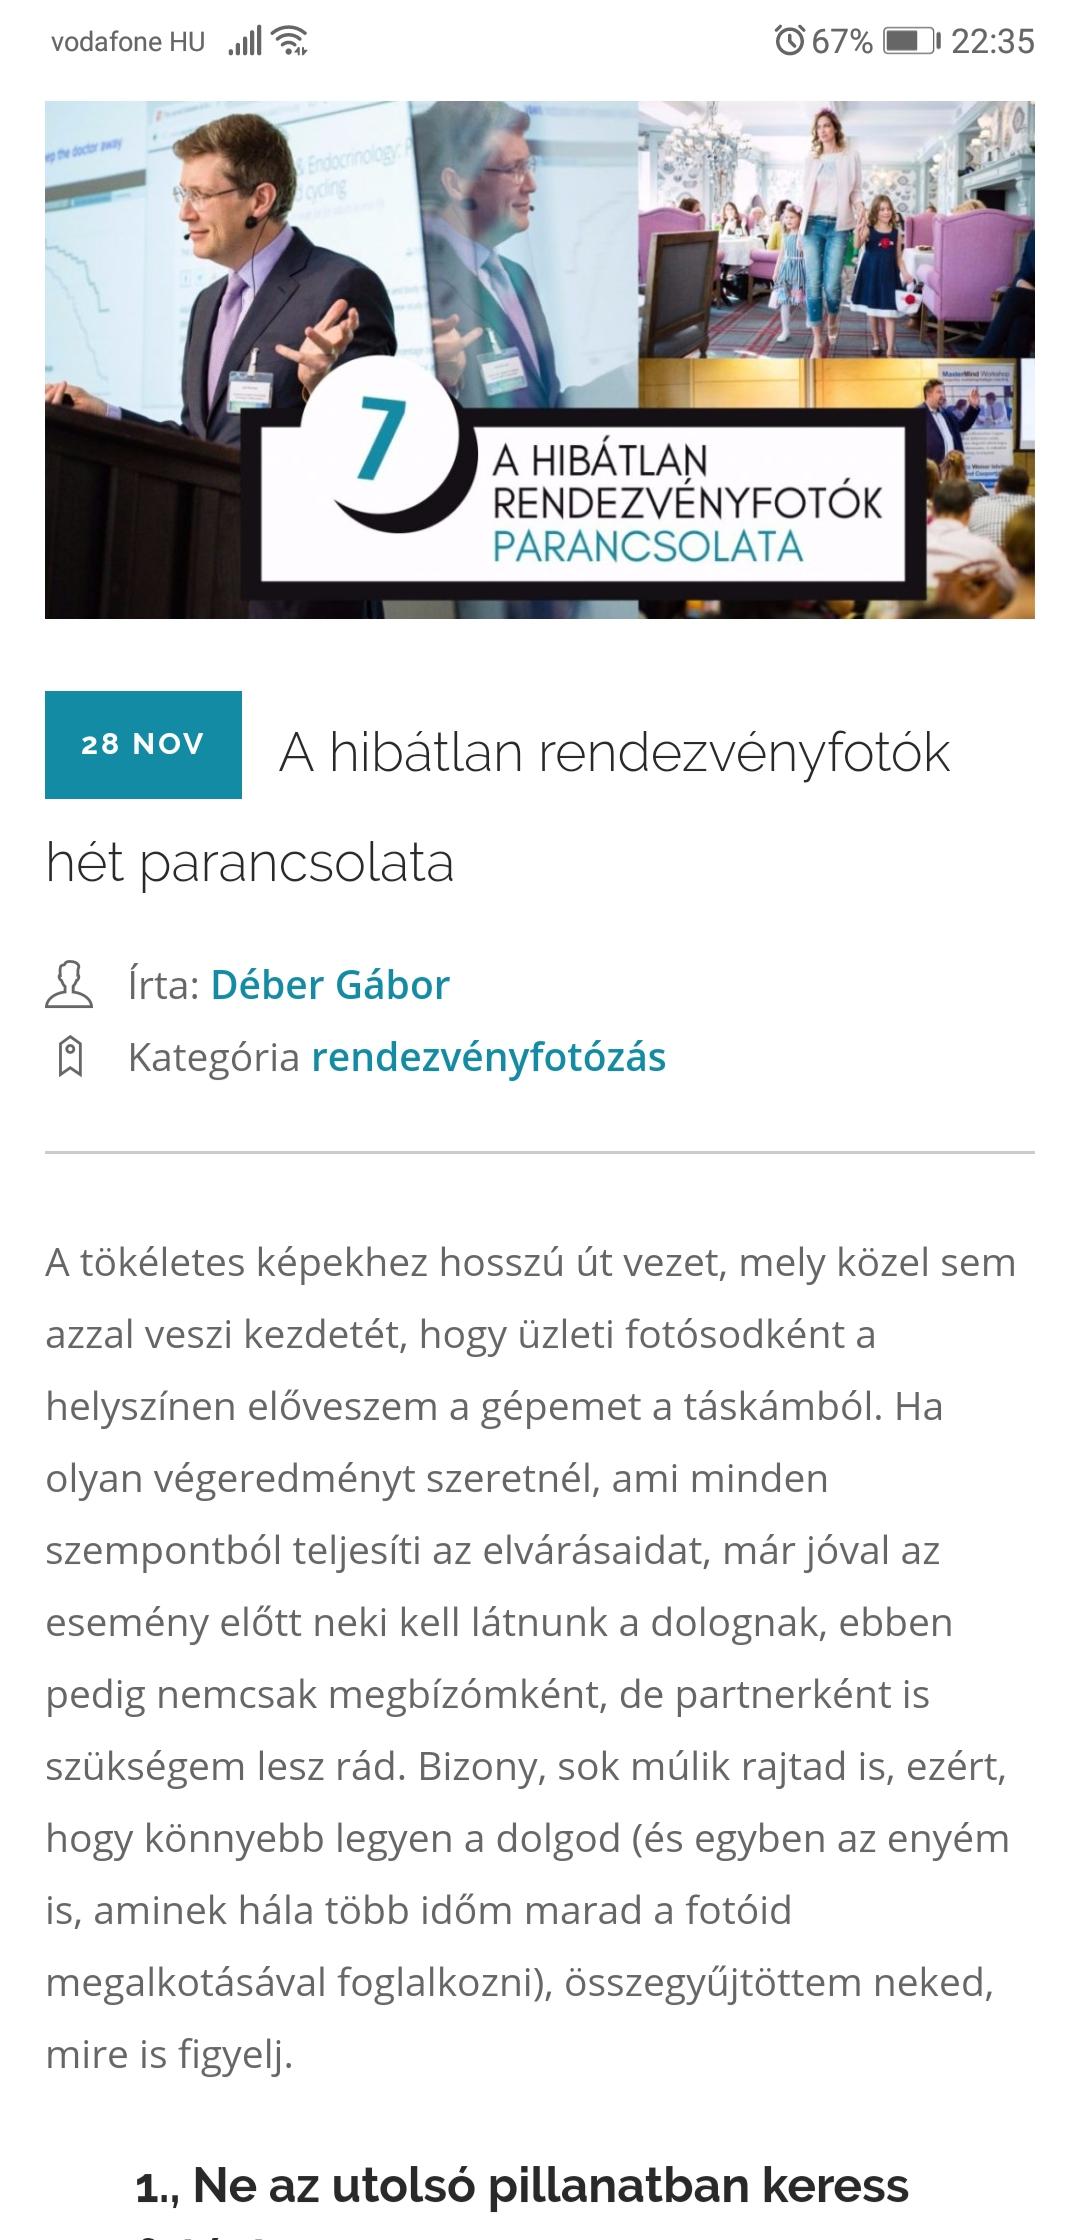 ceges blogiras (9)